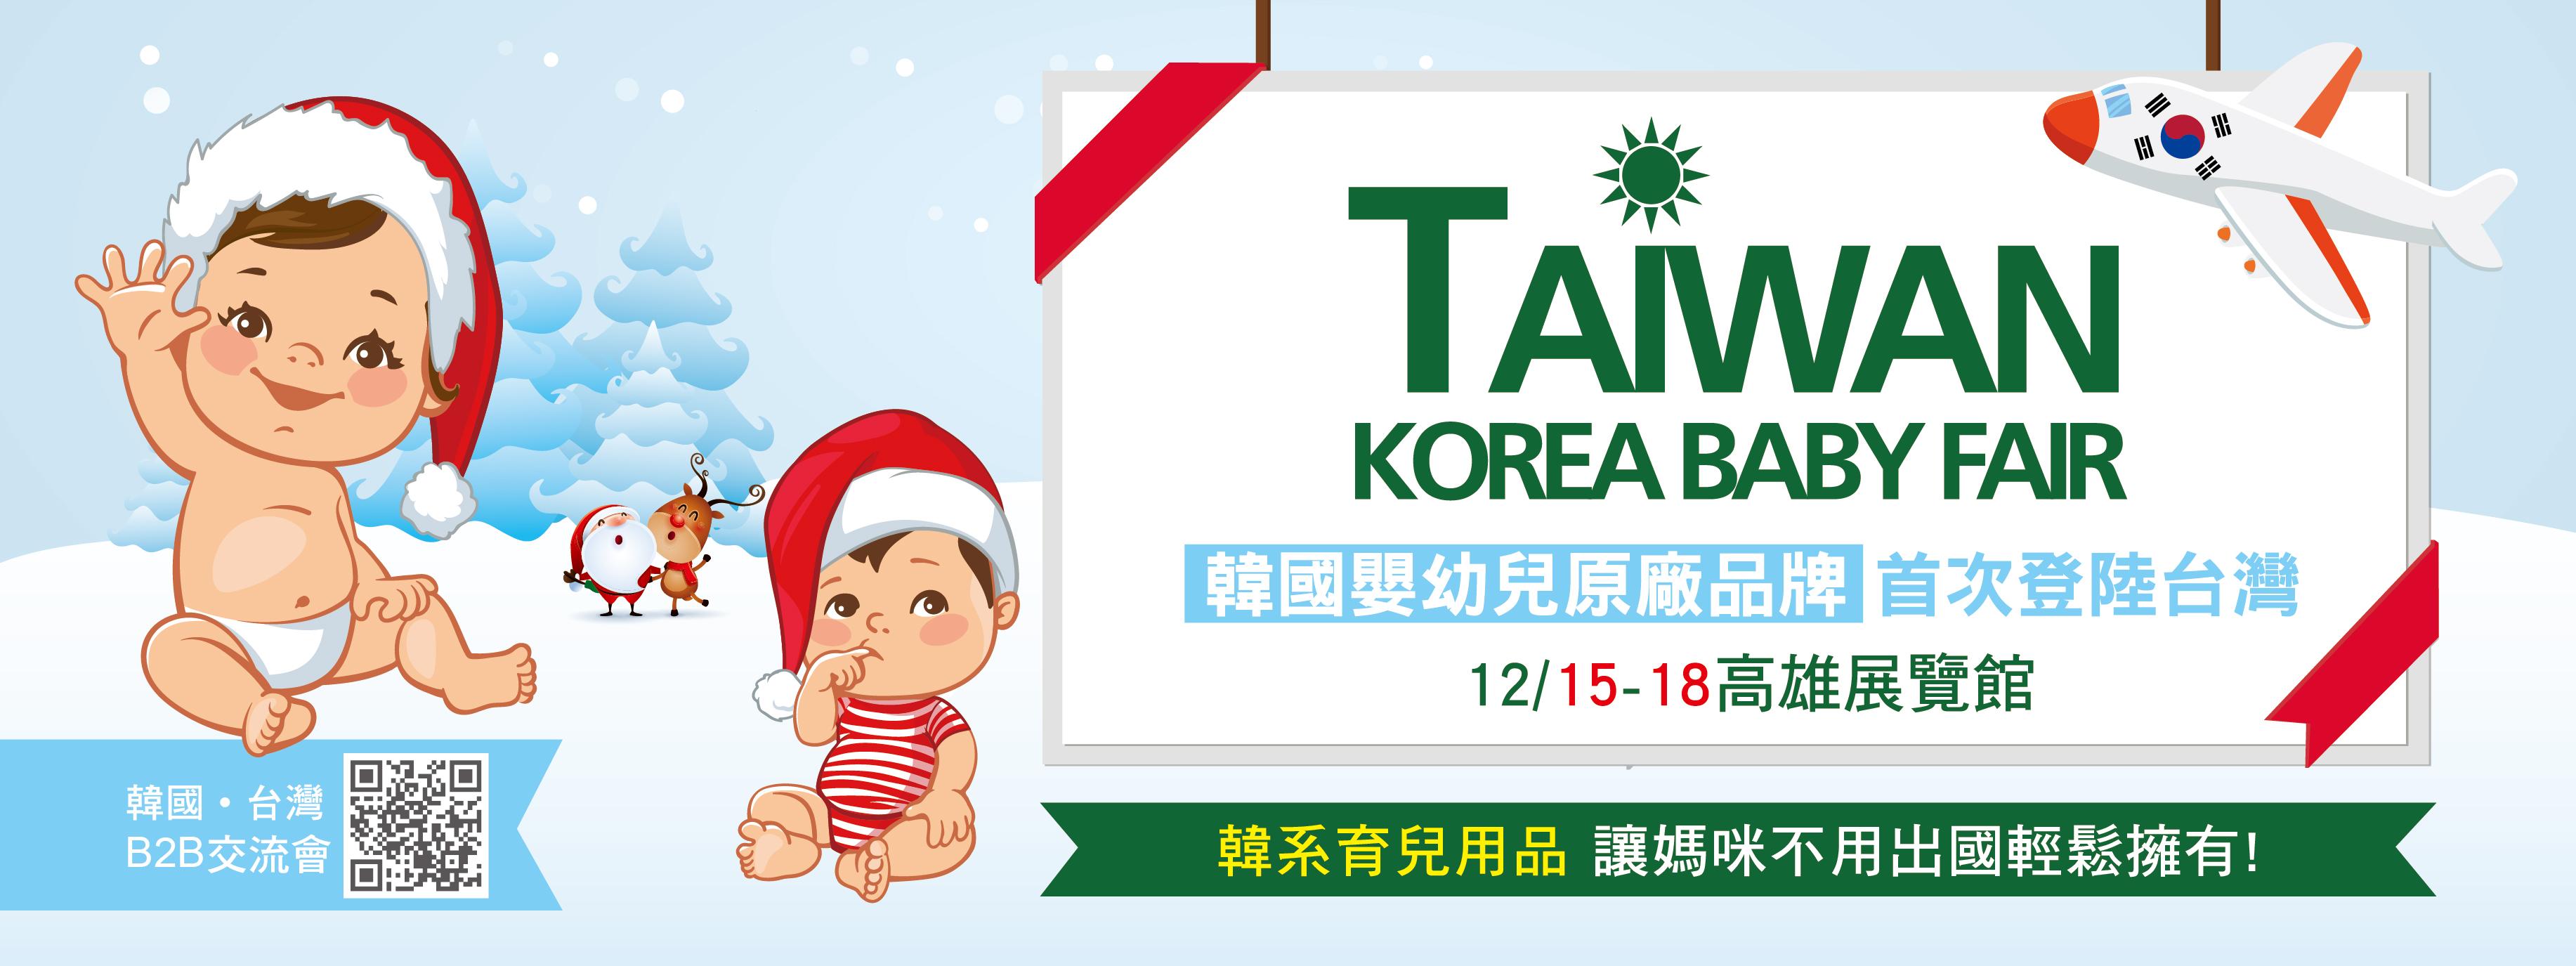 韓國台灣B2B交流會